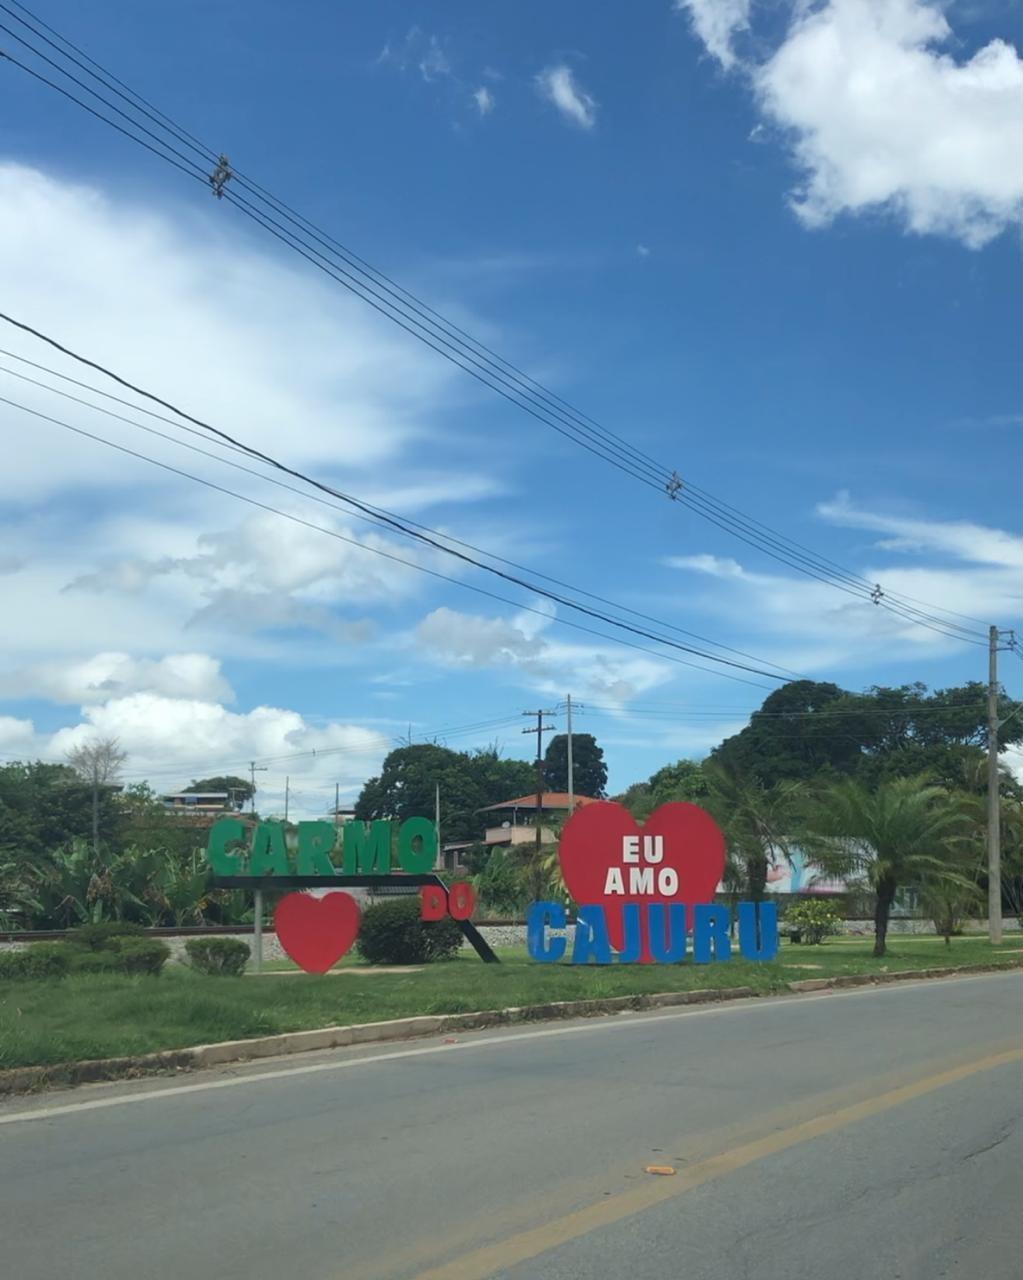 Prefeitura de Carmo do Cajuru fará sorteio para definir empate de pontuação entre candidatos de concurso